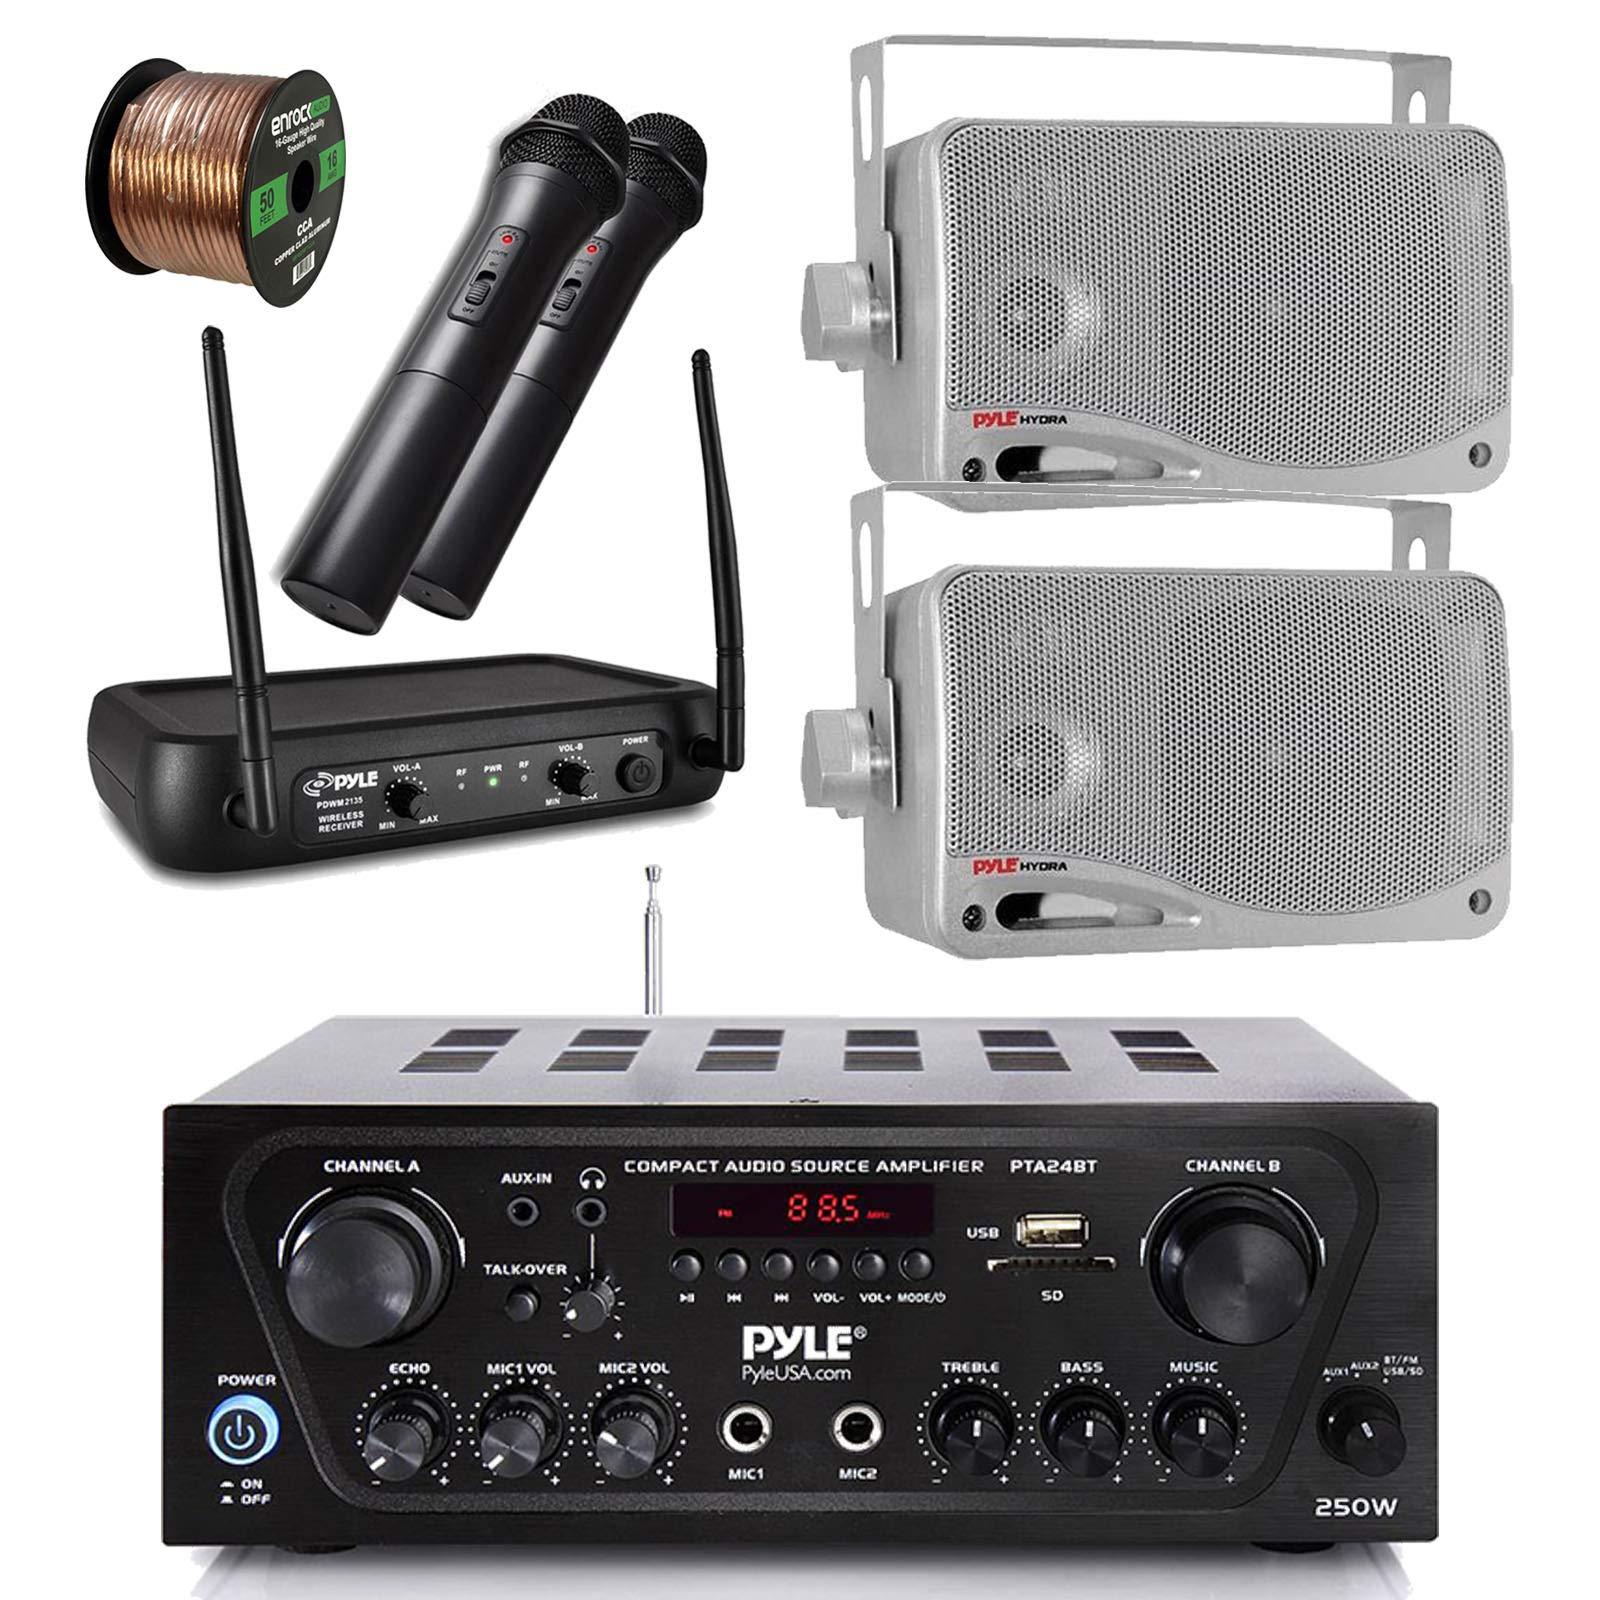 Pyle Wireless Bluetooth Stereo Receiver Amplifier, Dual Channel VHF Wireless Microphone System, 2x Pyle 3.5'' 200 Watt 3-Way Weather Proof Box Speakers - Silver, 50Ft Speaker Wire - PA , Karaoke , DJ